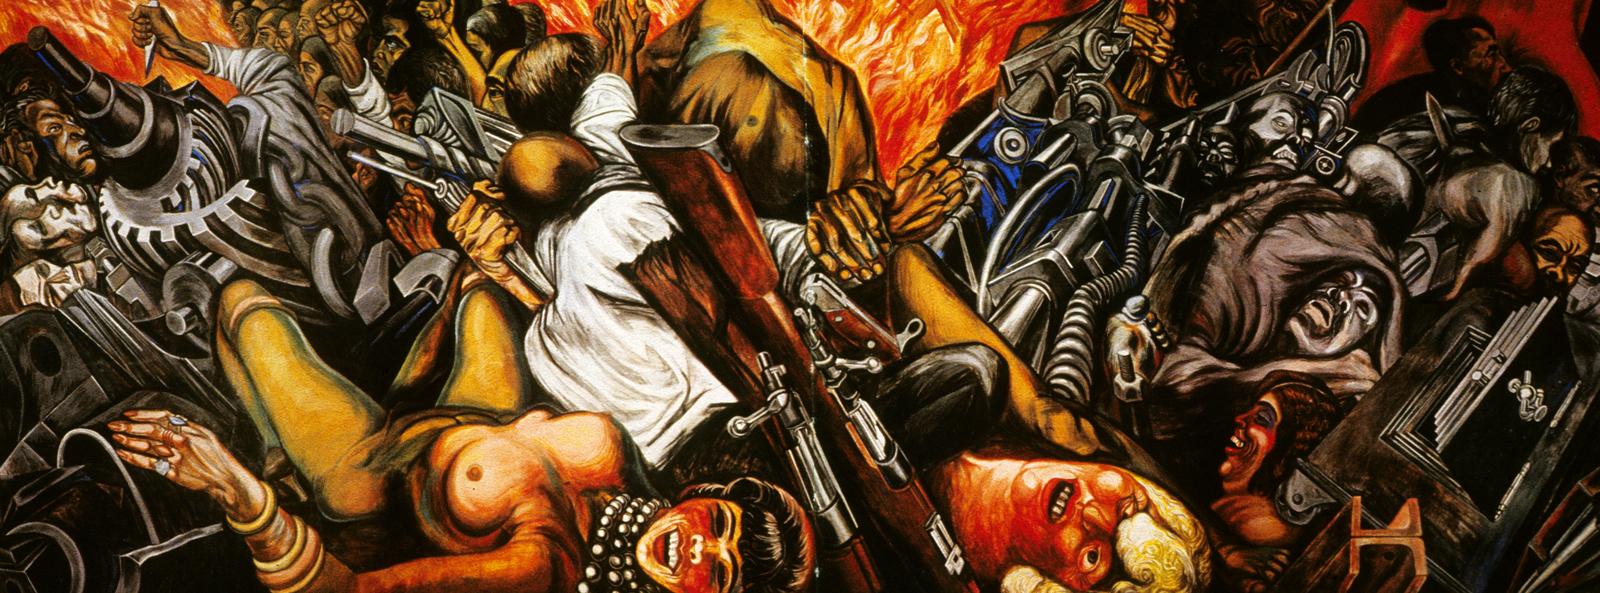 Continental drift page 4 for El hombre de fuego mural de jose clemente orozco